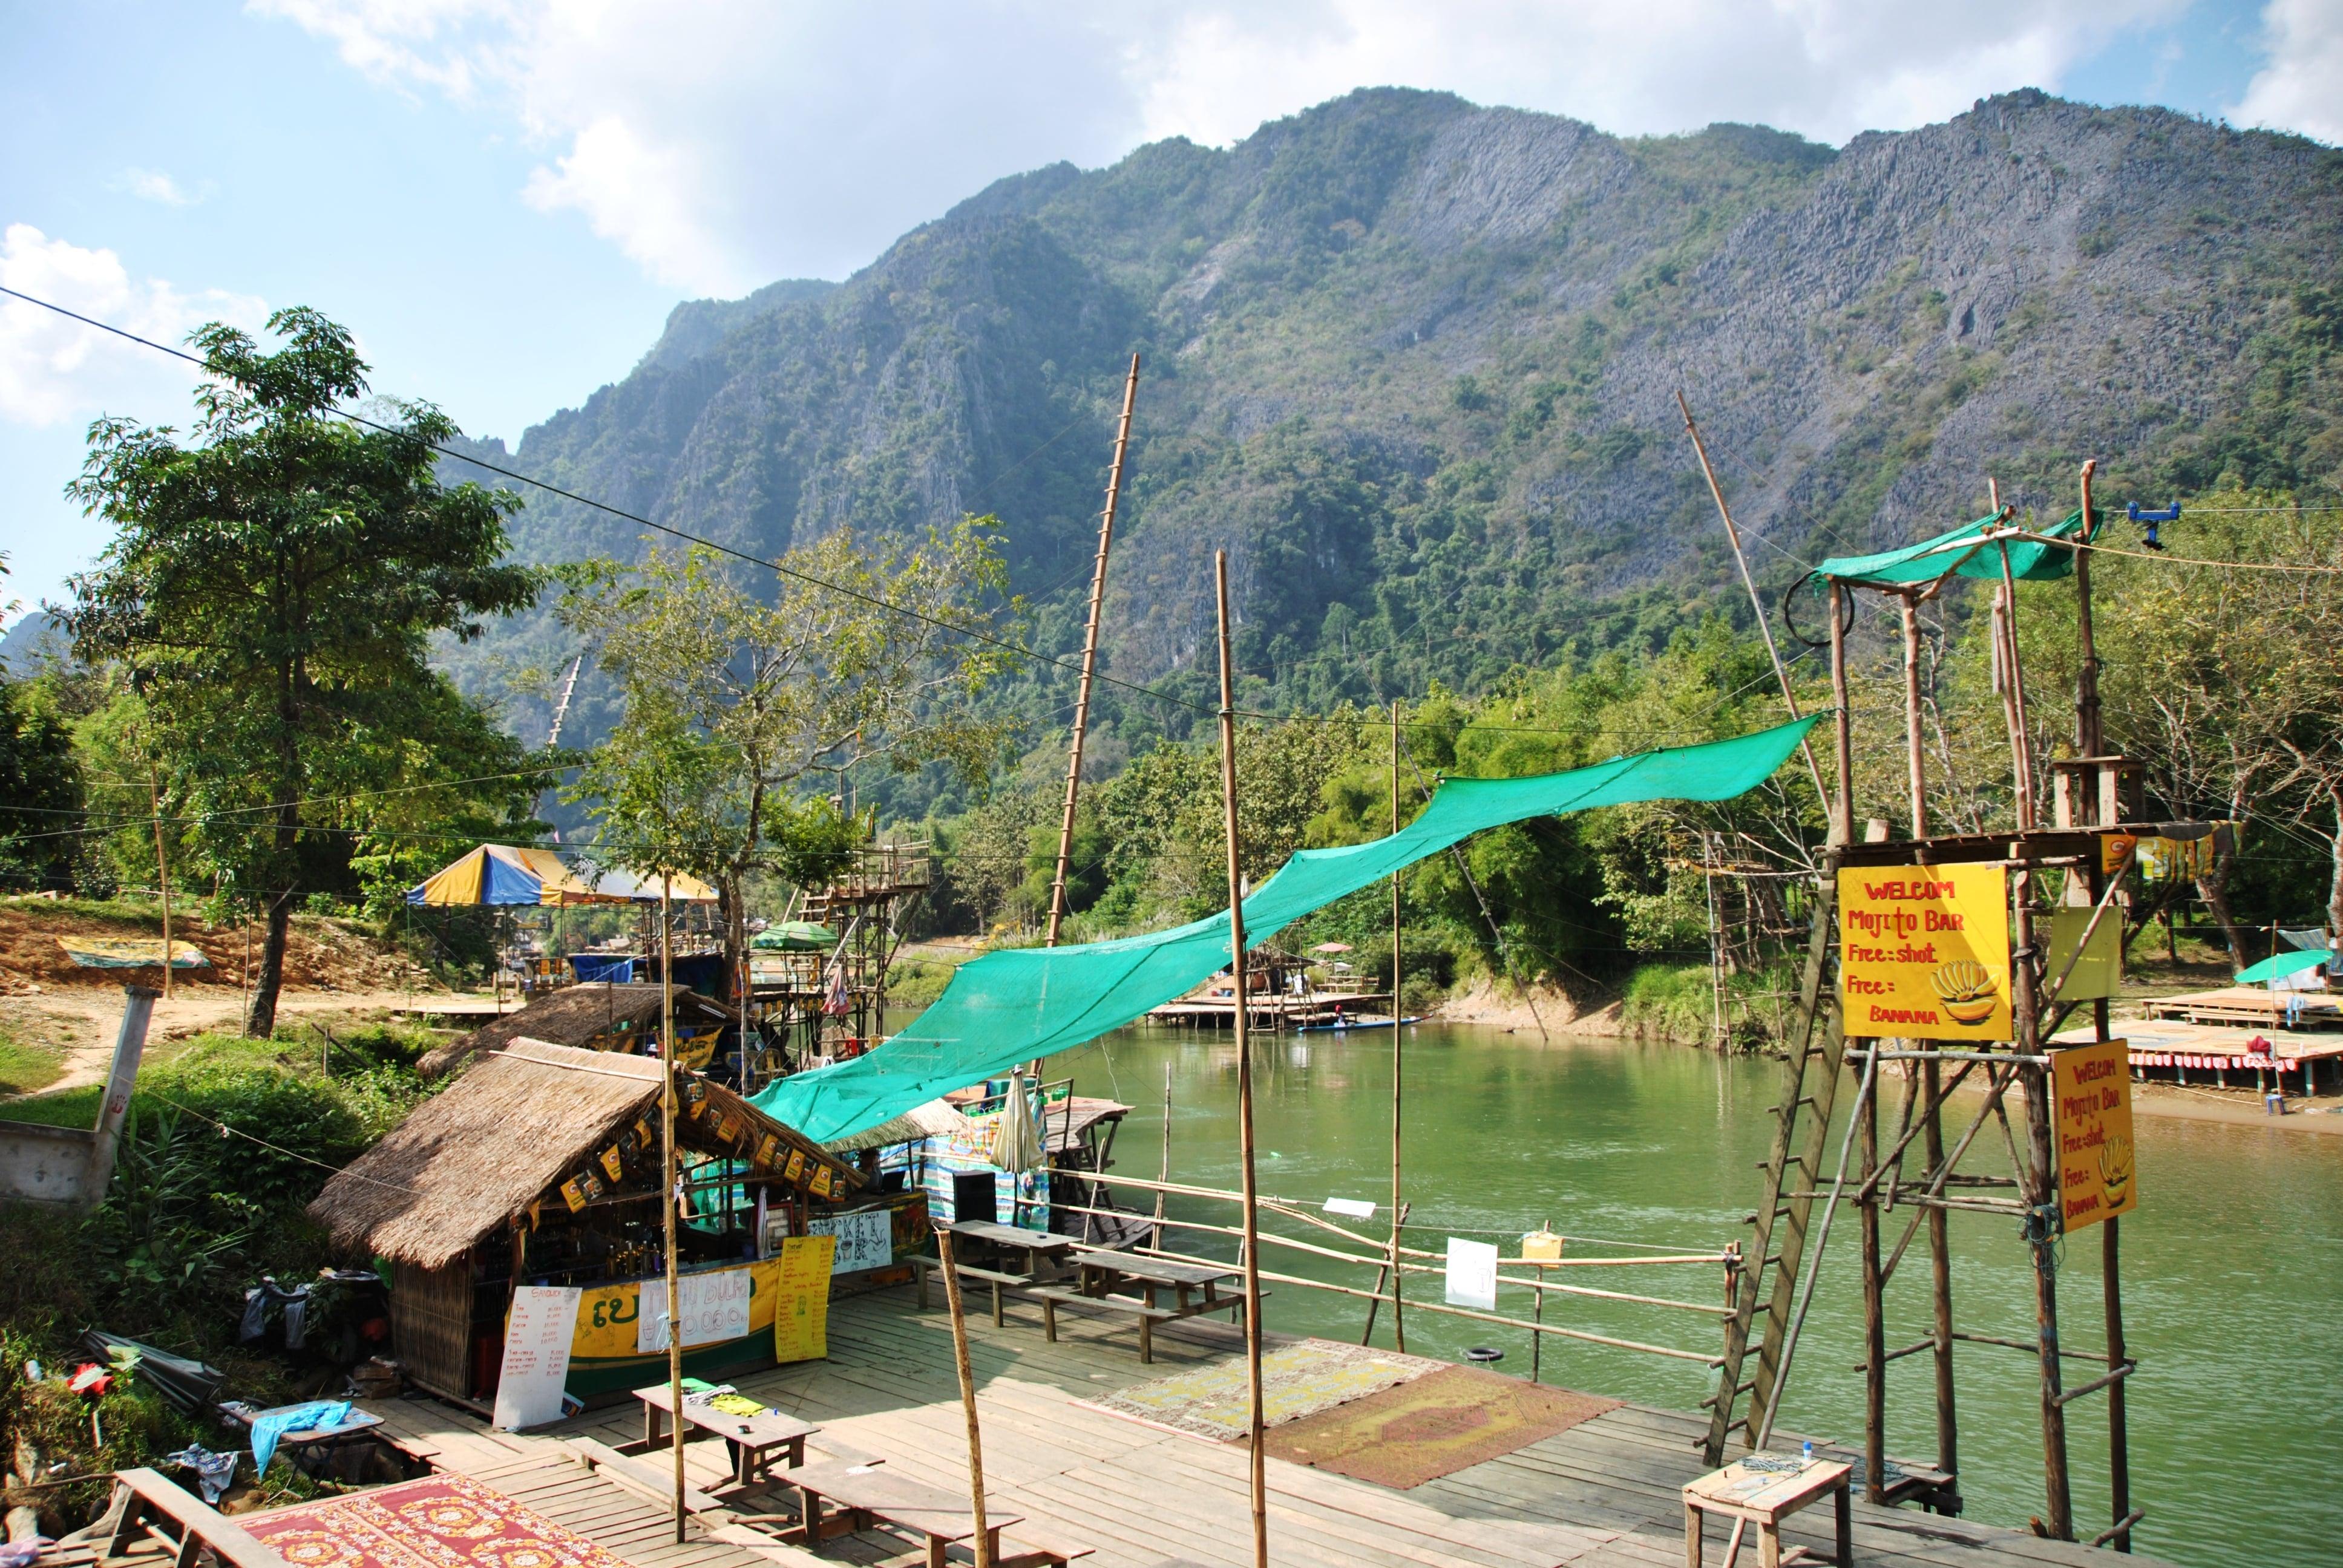 Reisebericht: Laos-Ballermann - Vang Vieng